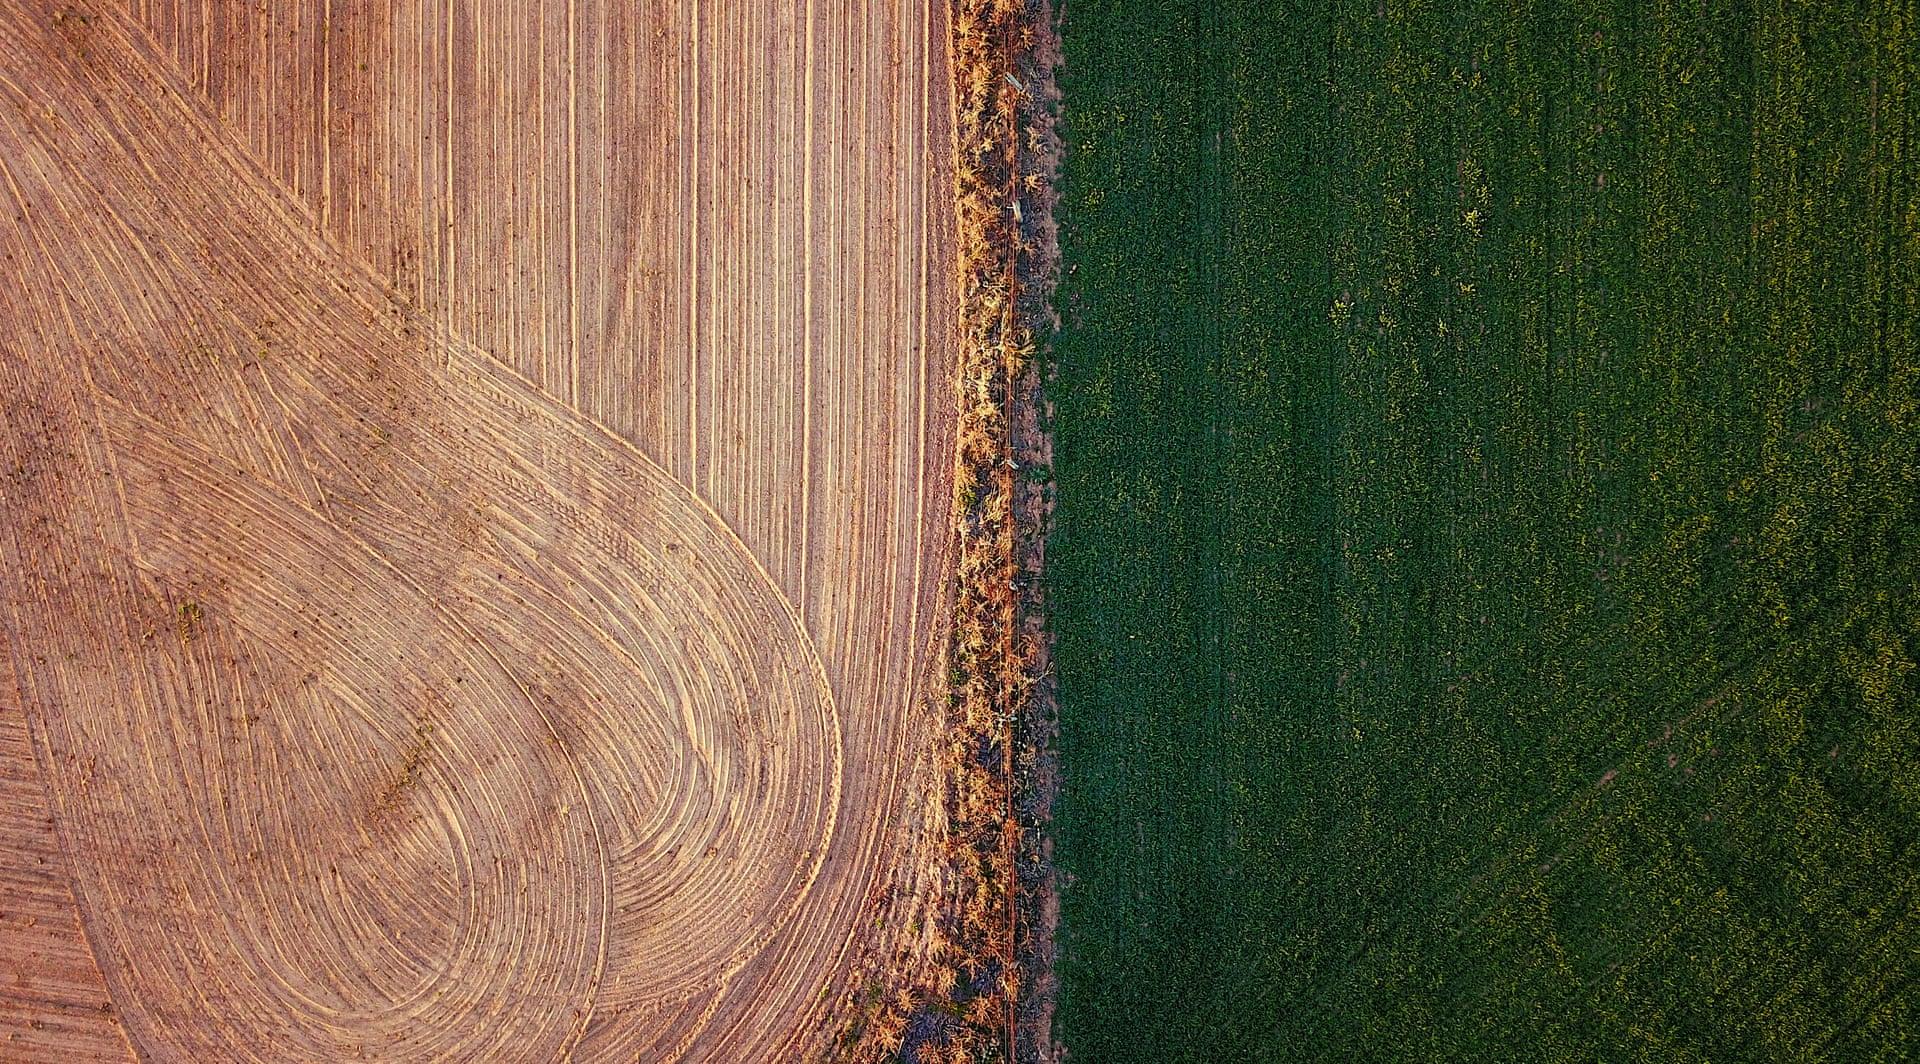 Фото дня: засуха в Австралии с высоты птичьего полета Фото дня: засуха в Австралии с высоты птичьего полета 3500 20 3